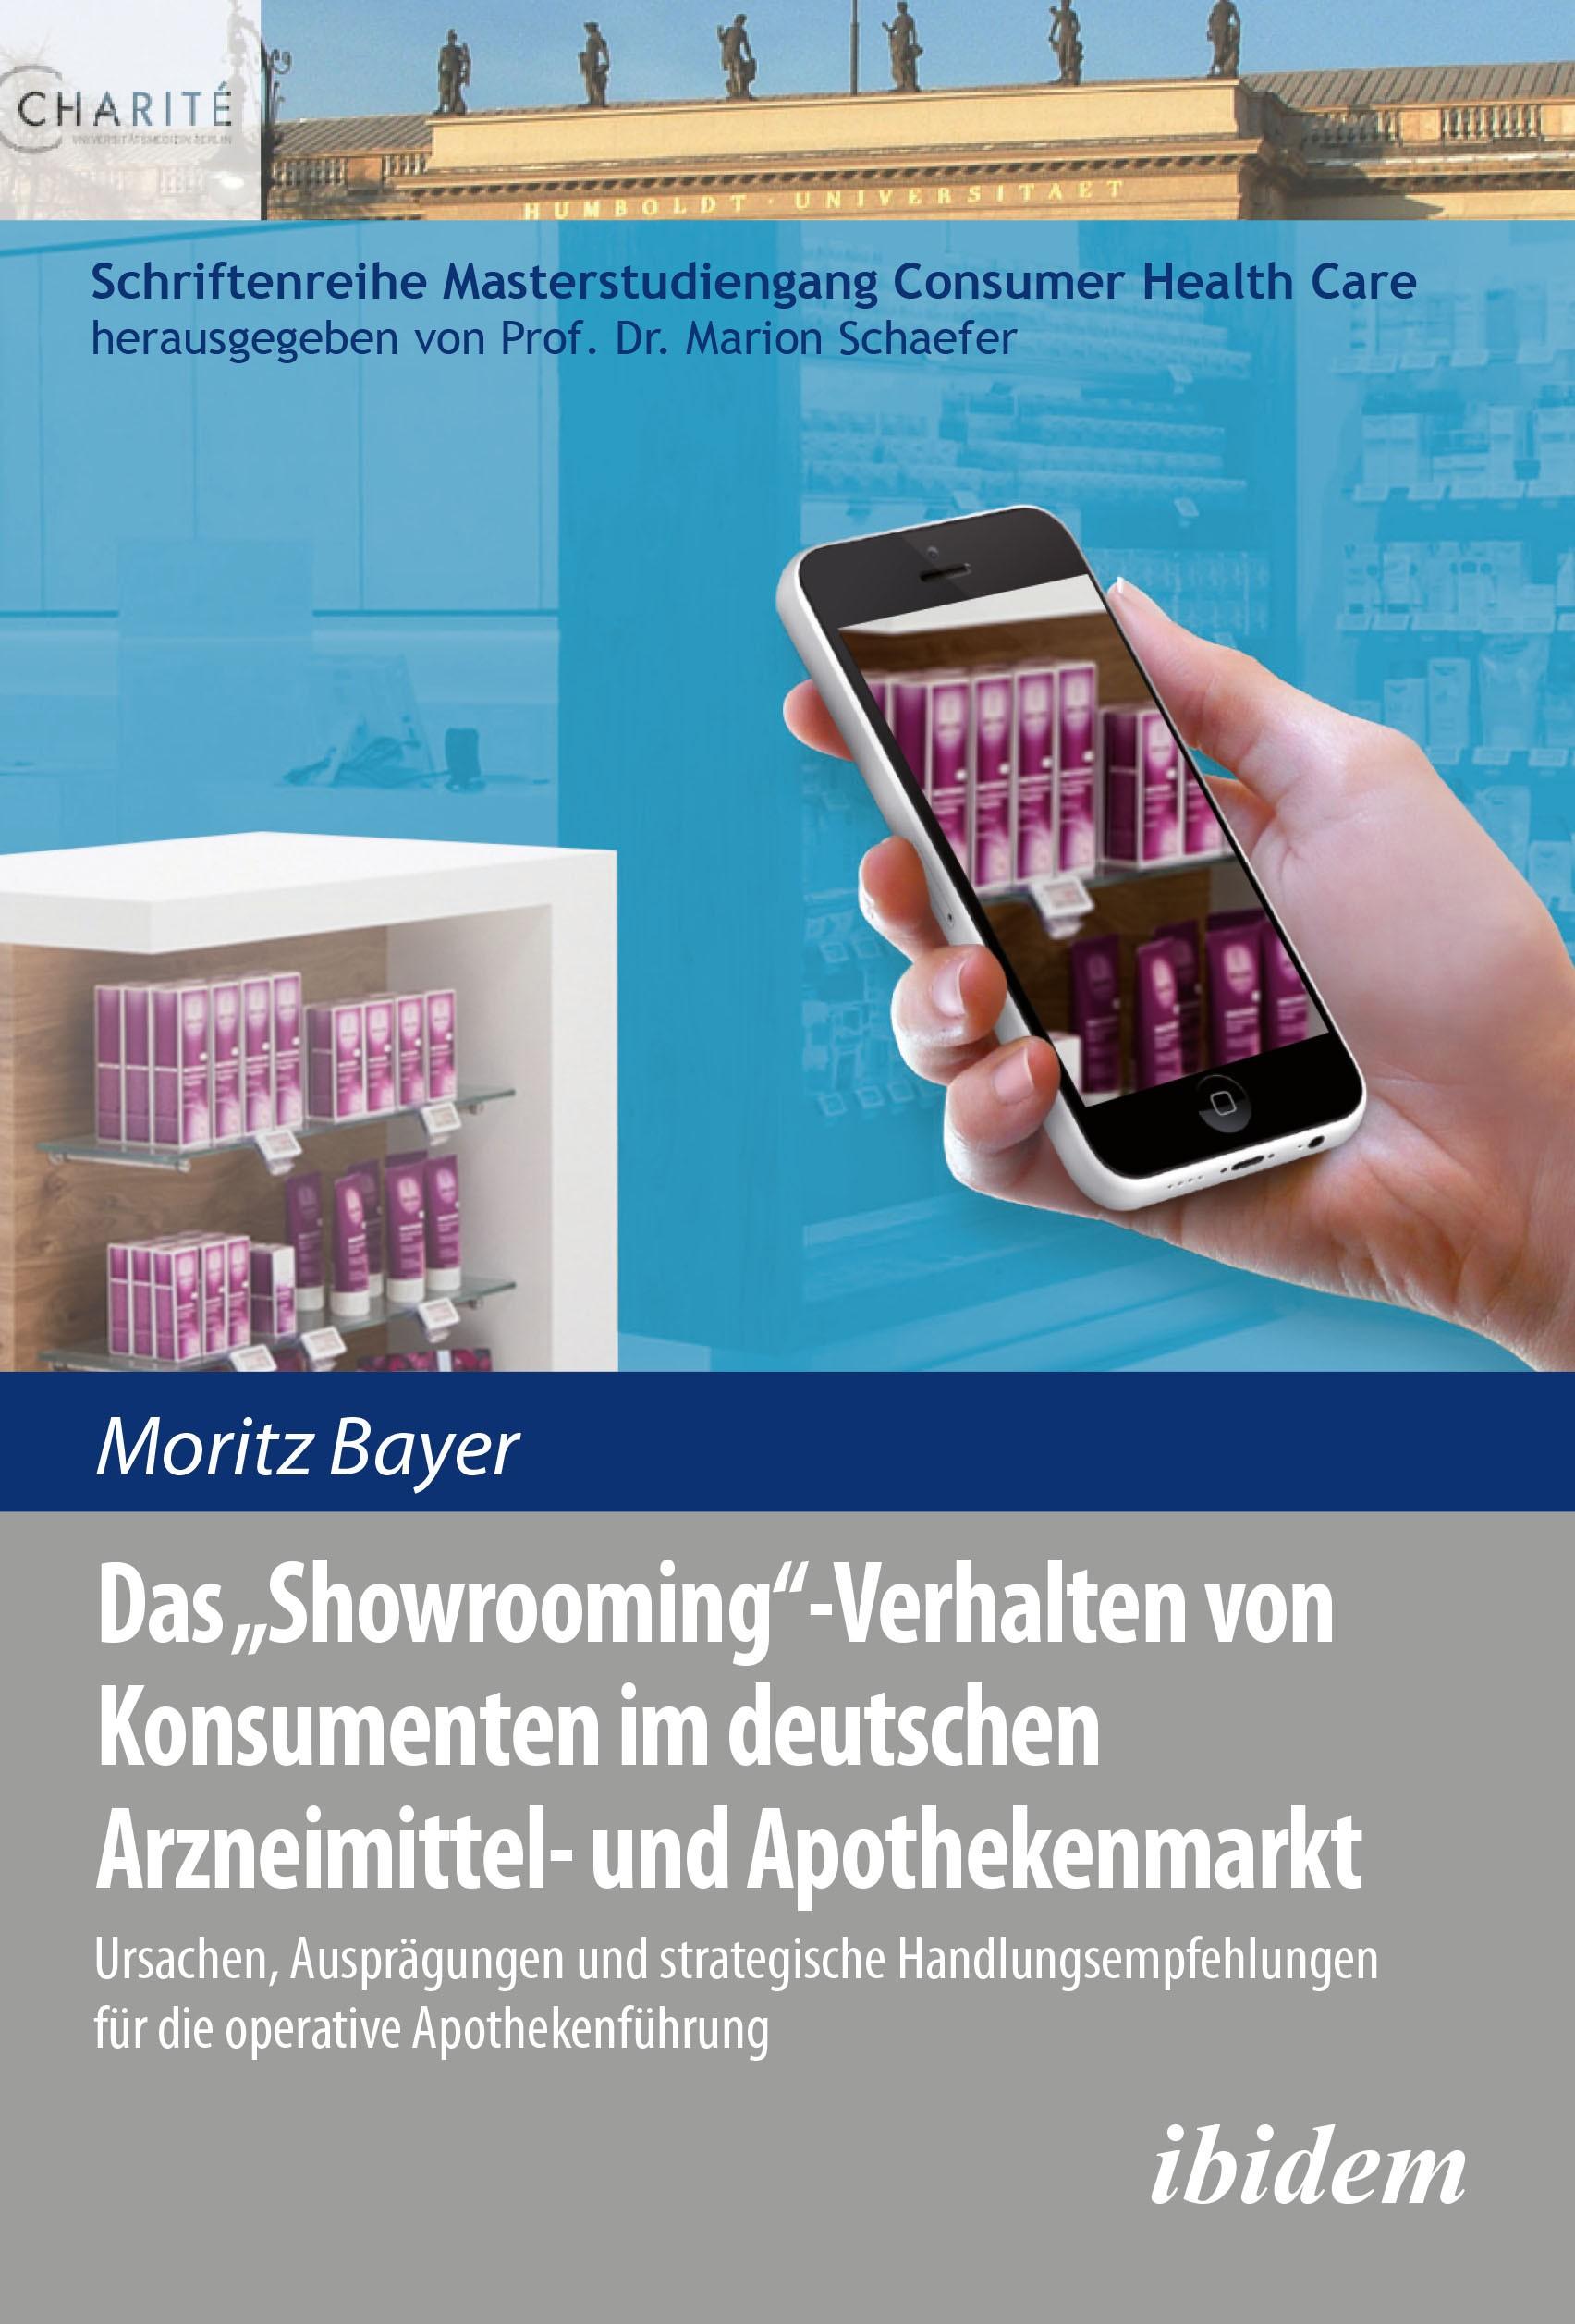 Das 'Showrooming'-Verhalten von Konsumenten im deutschen Apothekenmarkt